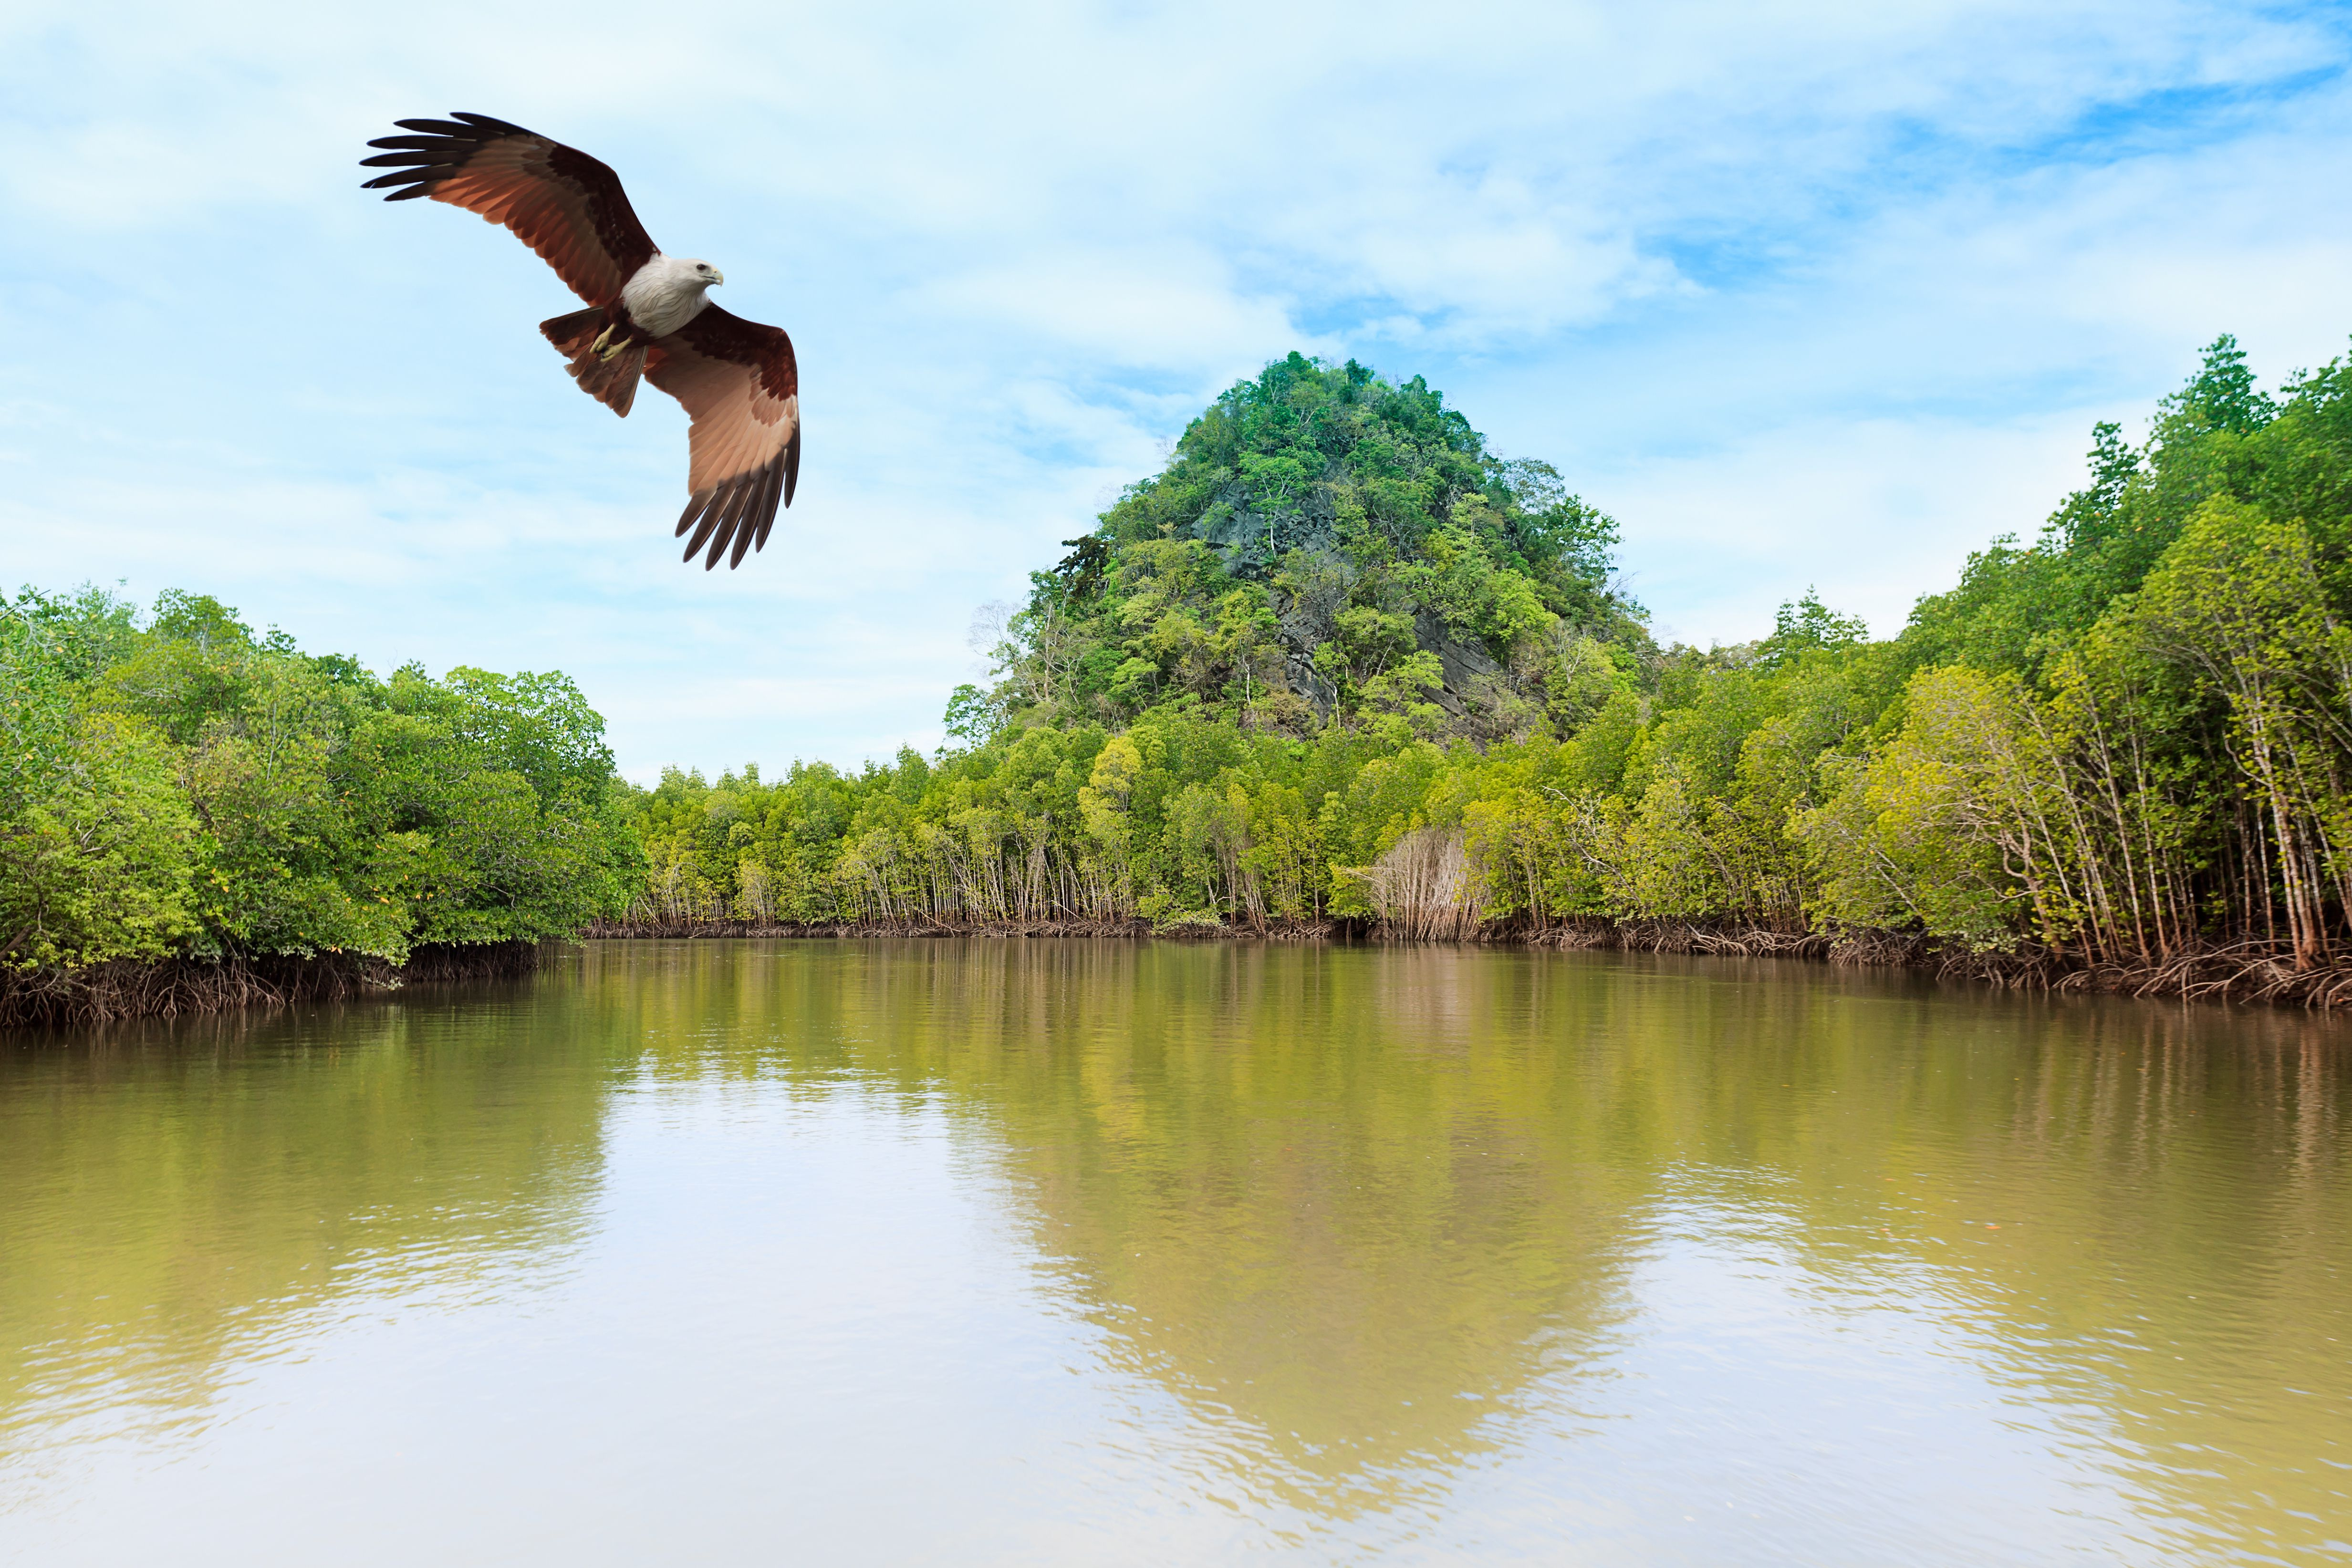 mangroves in Langkawi, Malaysia